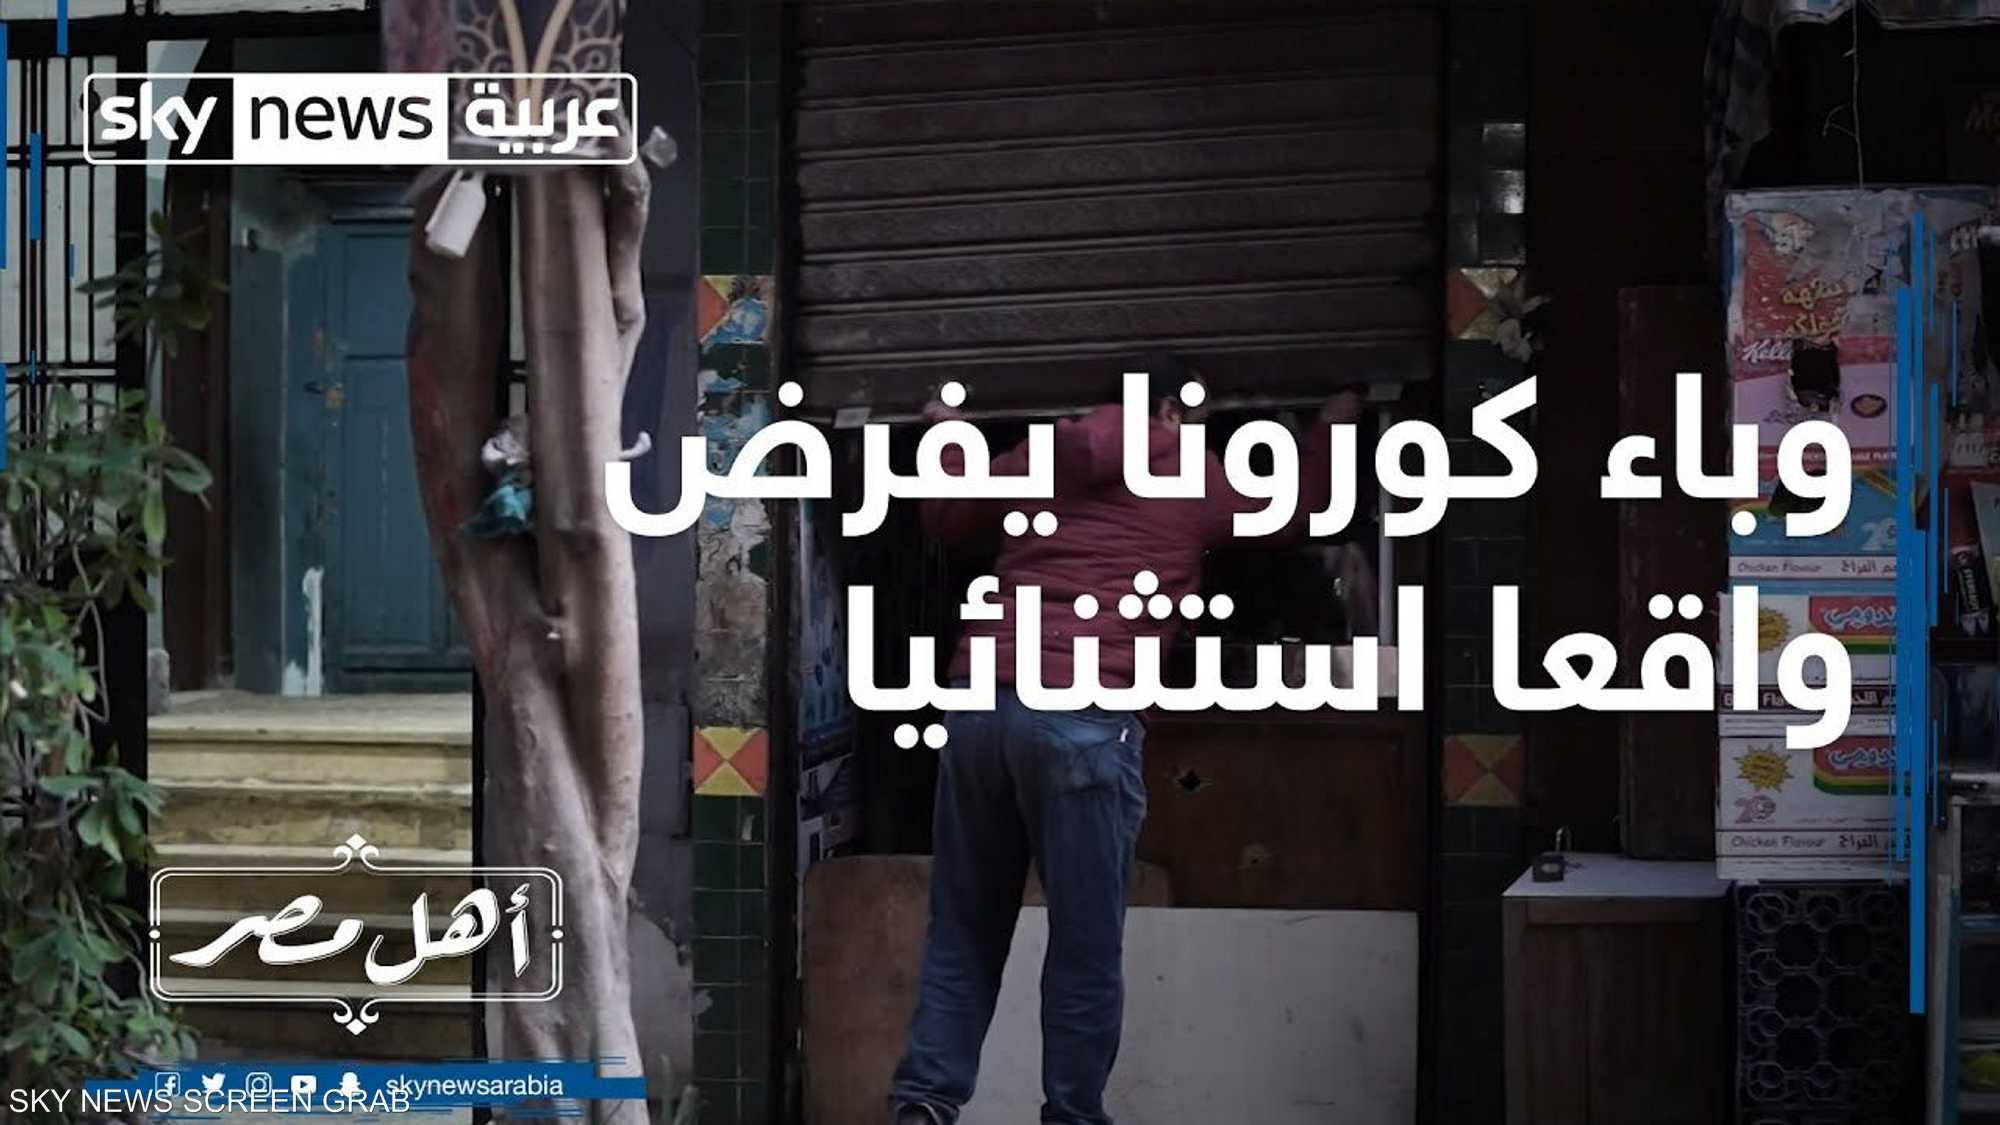 أهل مصر.. وباء كورونا يفرض واقعا استثنائيا